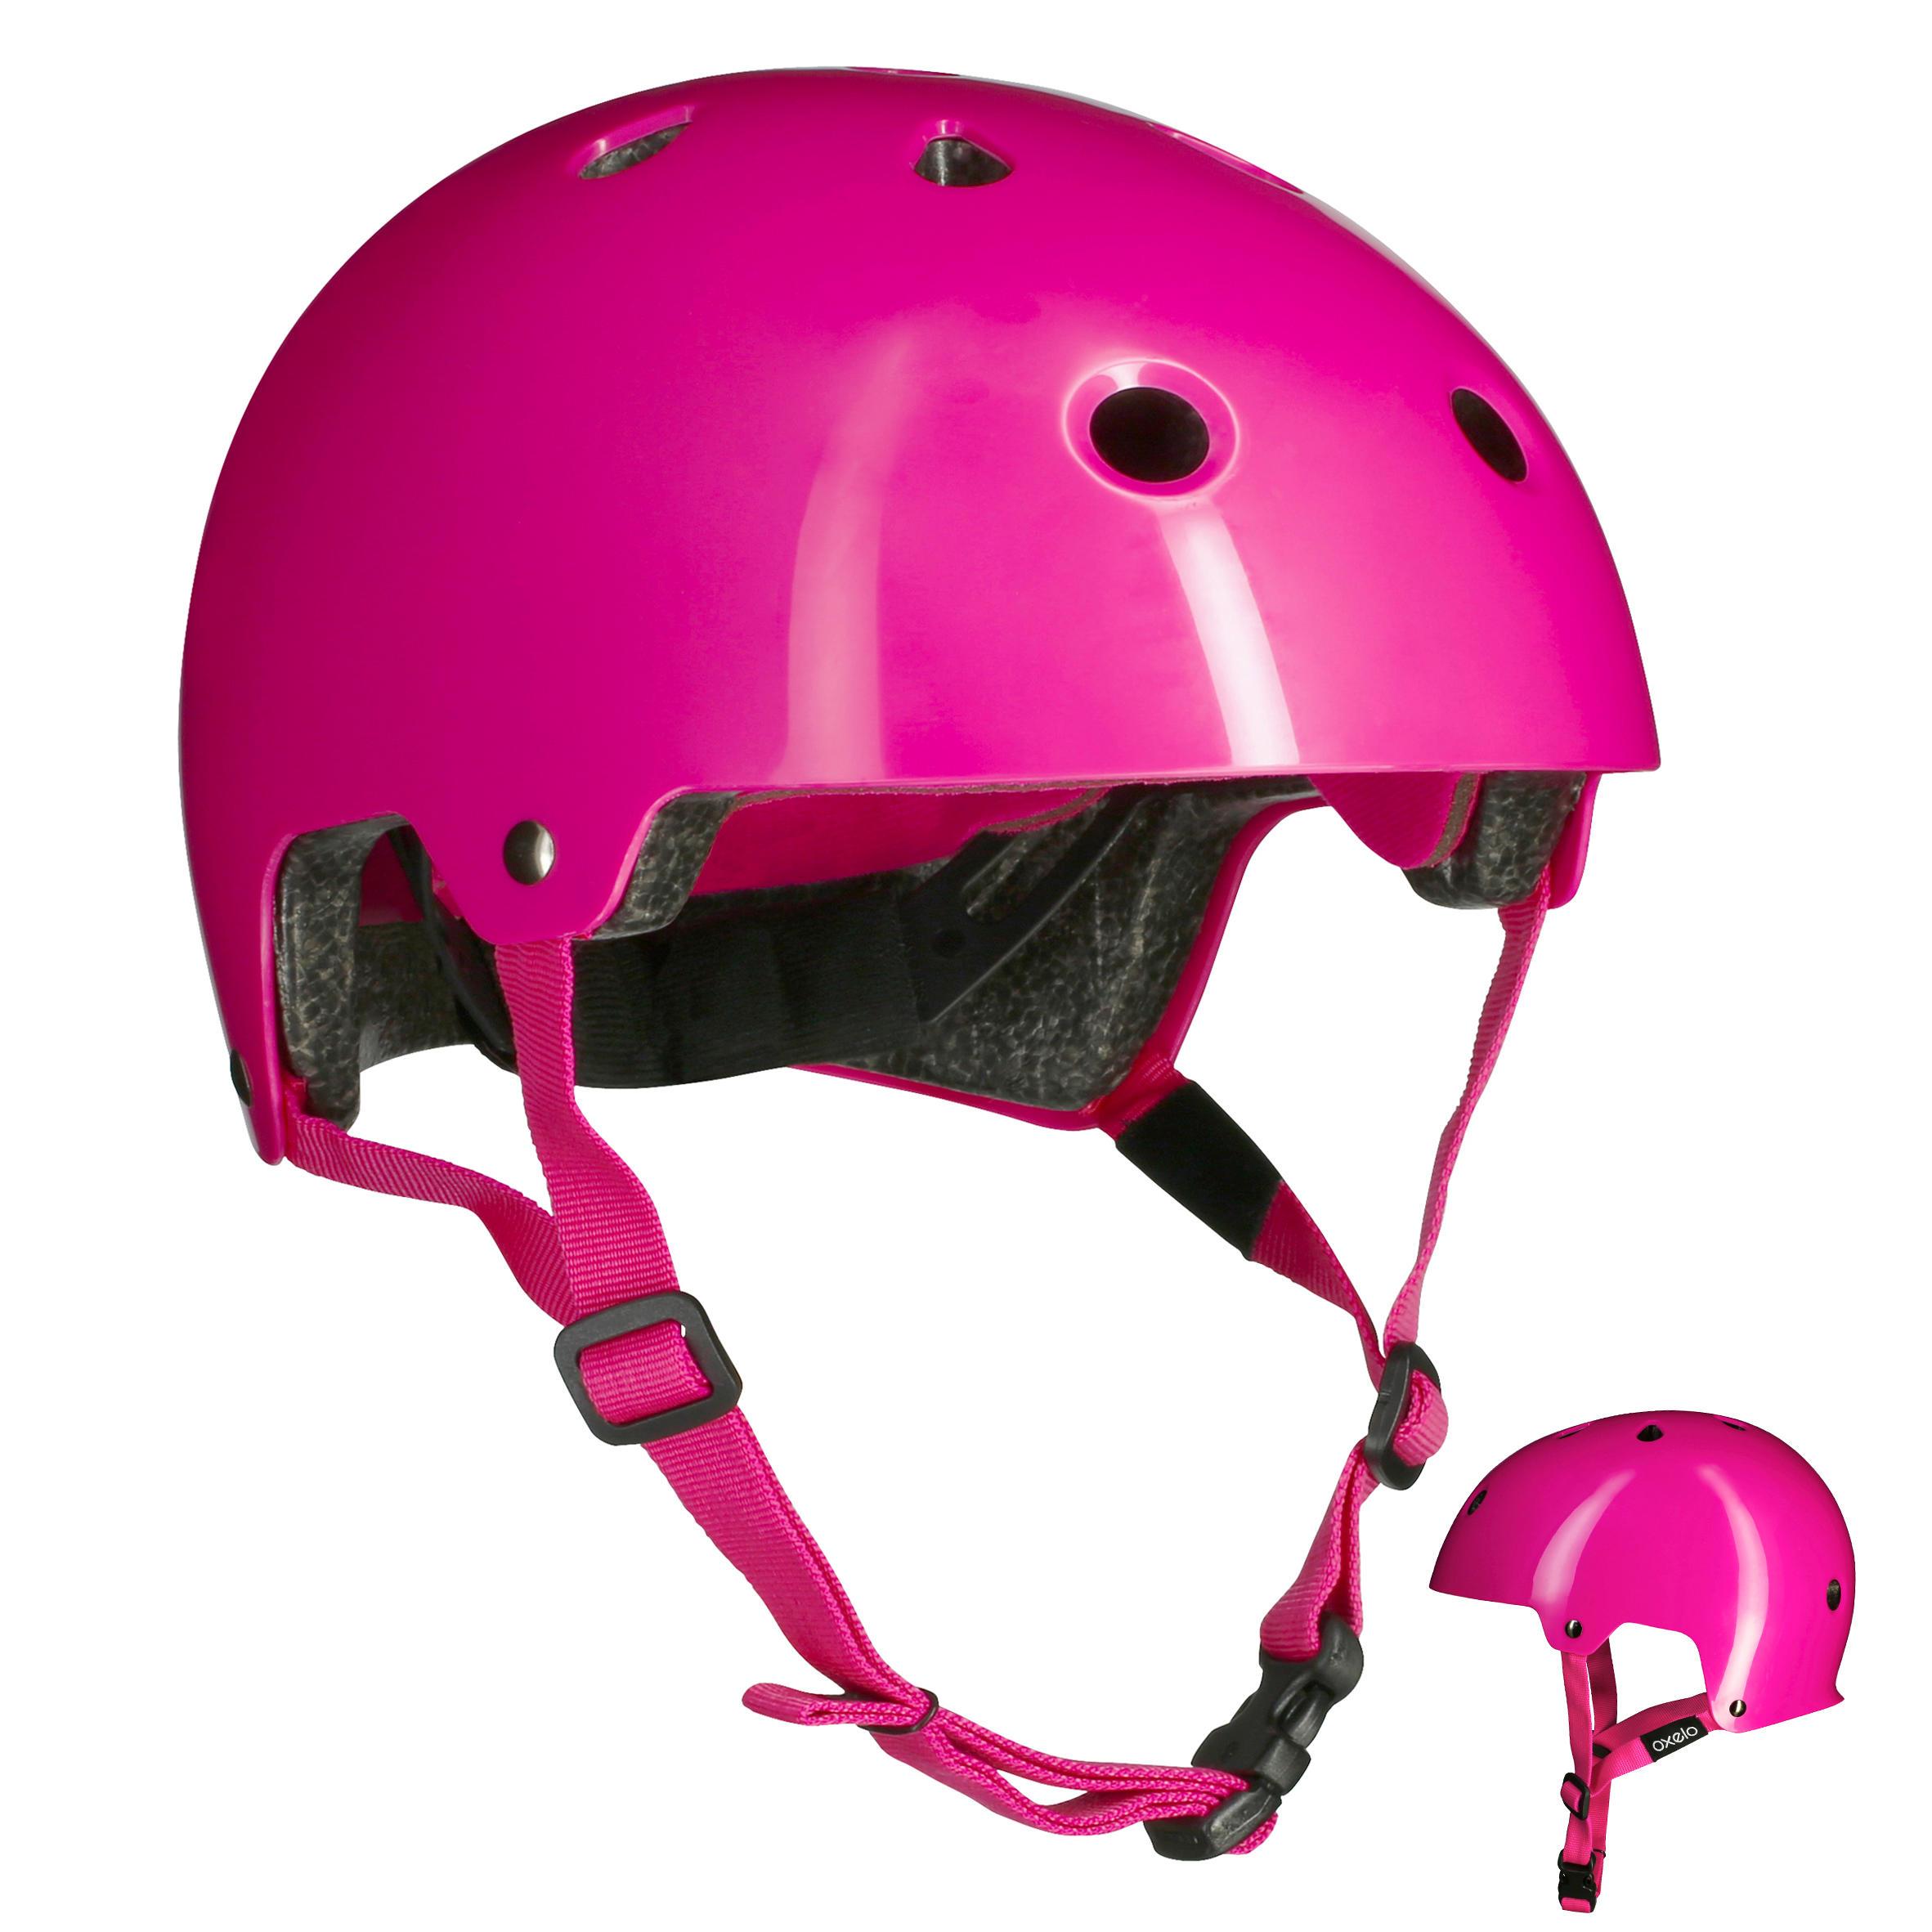 Helm Play 3 voor skeeleren skateboarden steppen fietsen